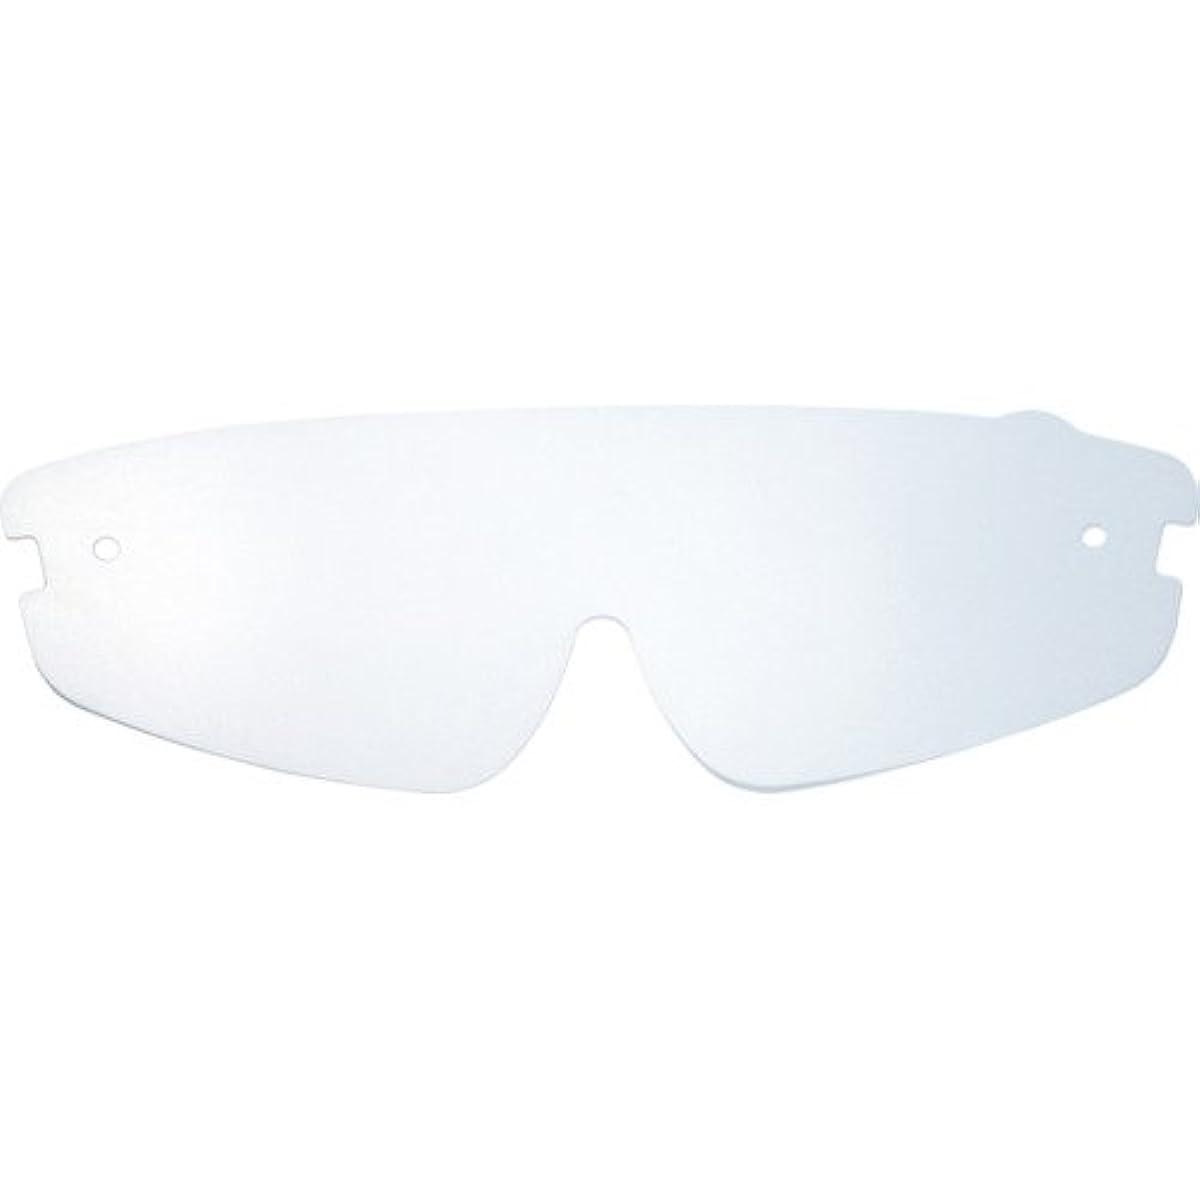 急性大人今YAMAMOTO(山本光学) 超軽量フェイスシールドグラス 反射防止仕様 YF-850S 用替レンズ (4枚入り) YF-850S-SP